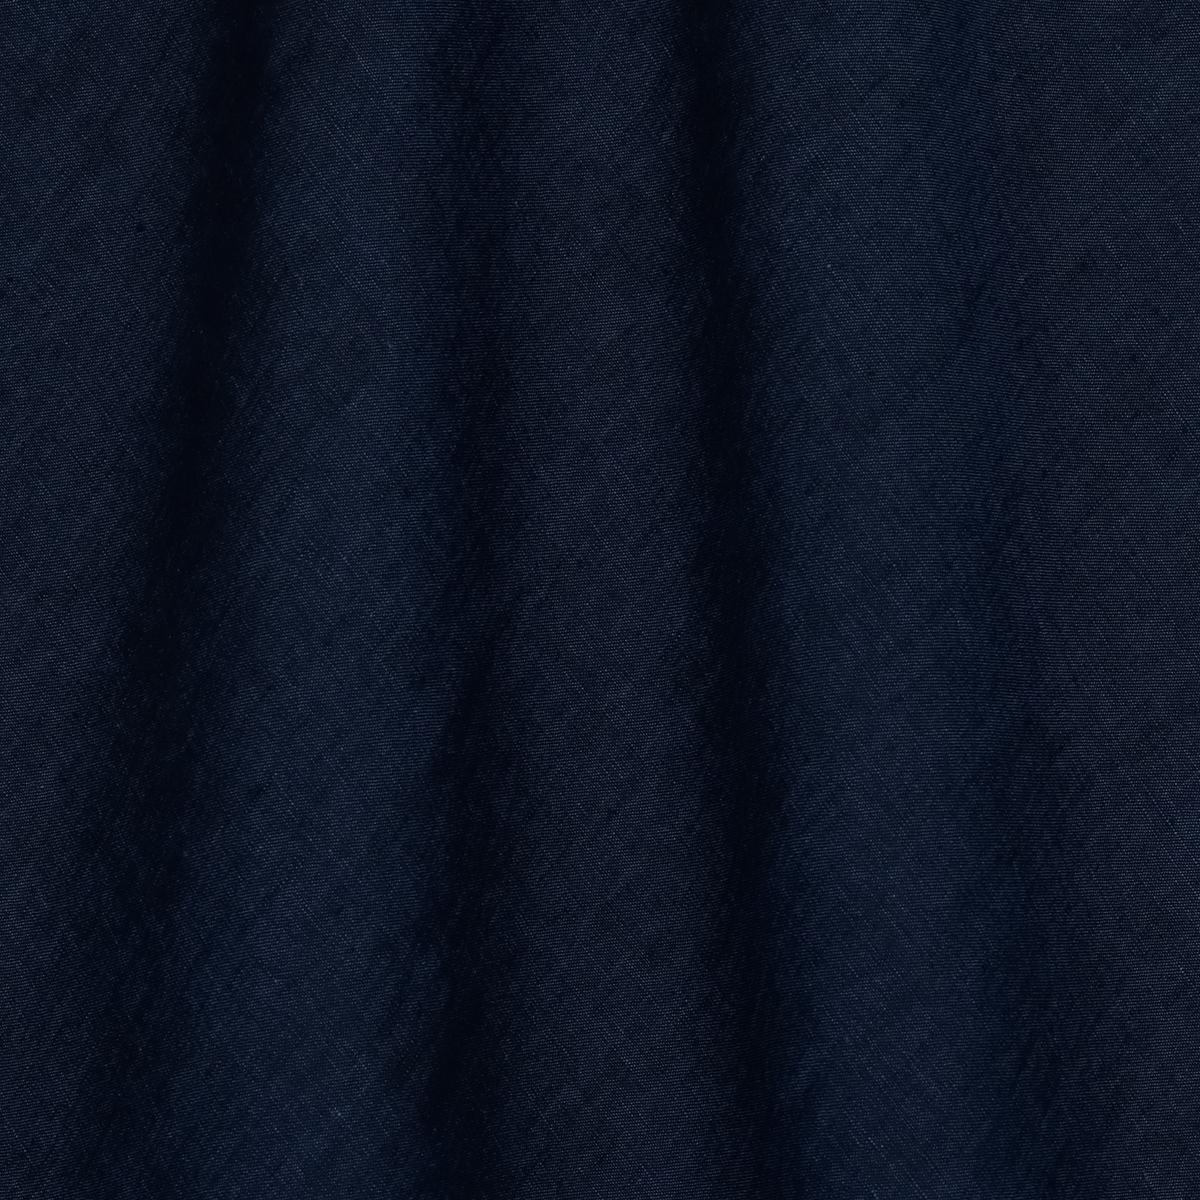 Тонкое льняное полотно тёмно-синего с чёрным цвета